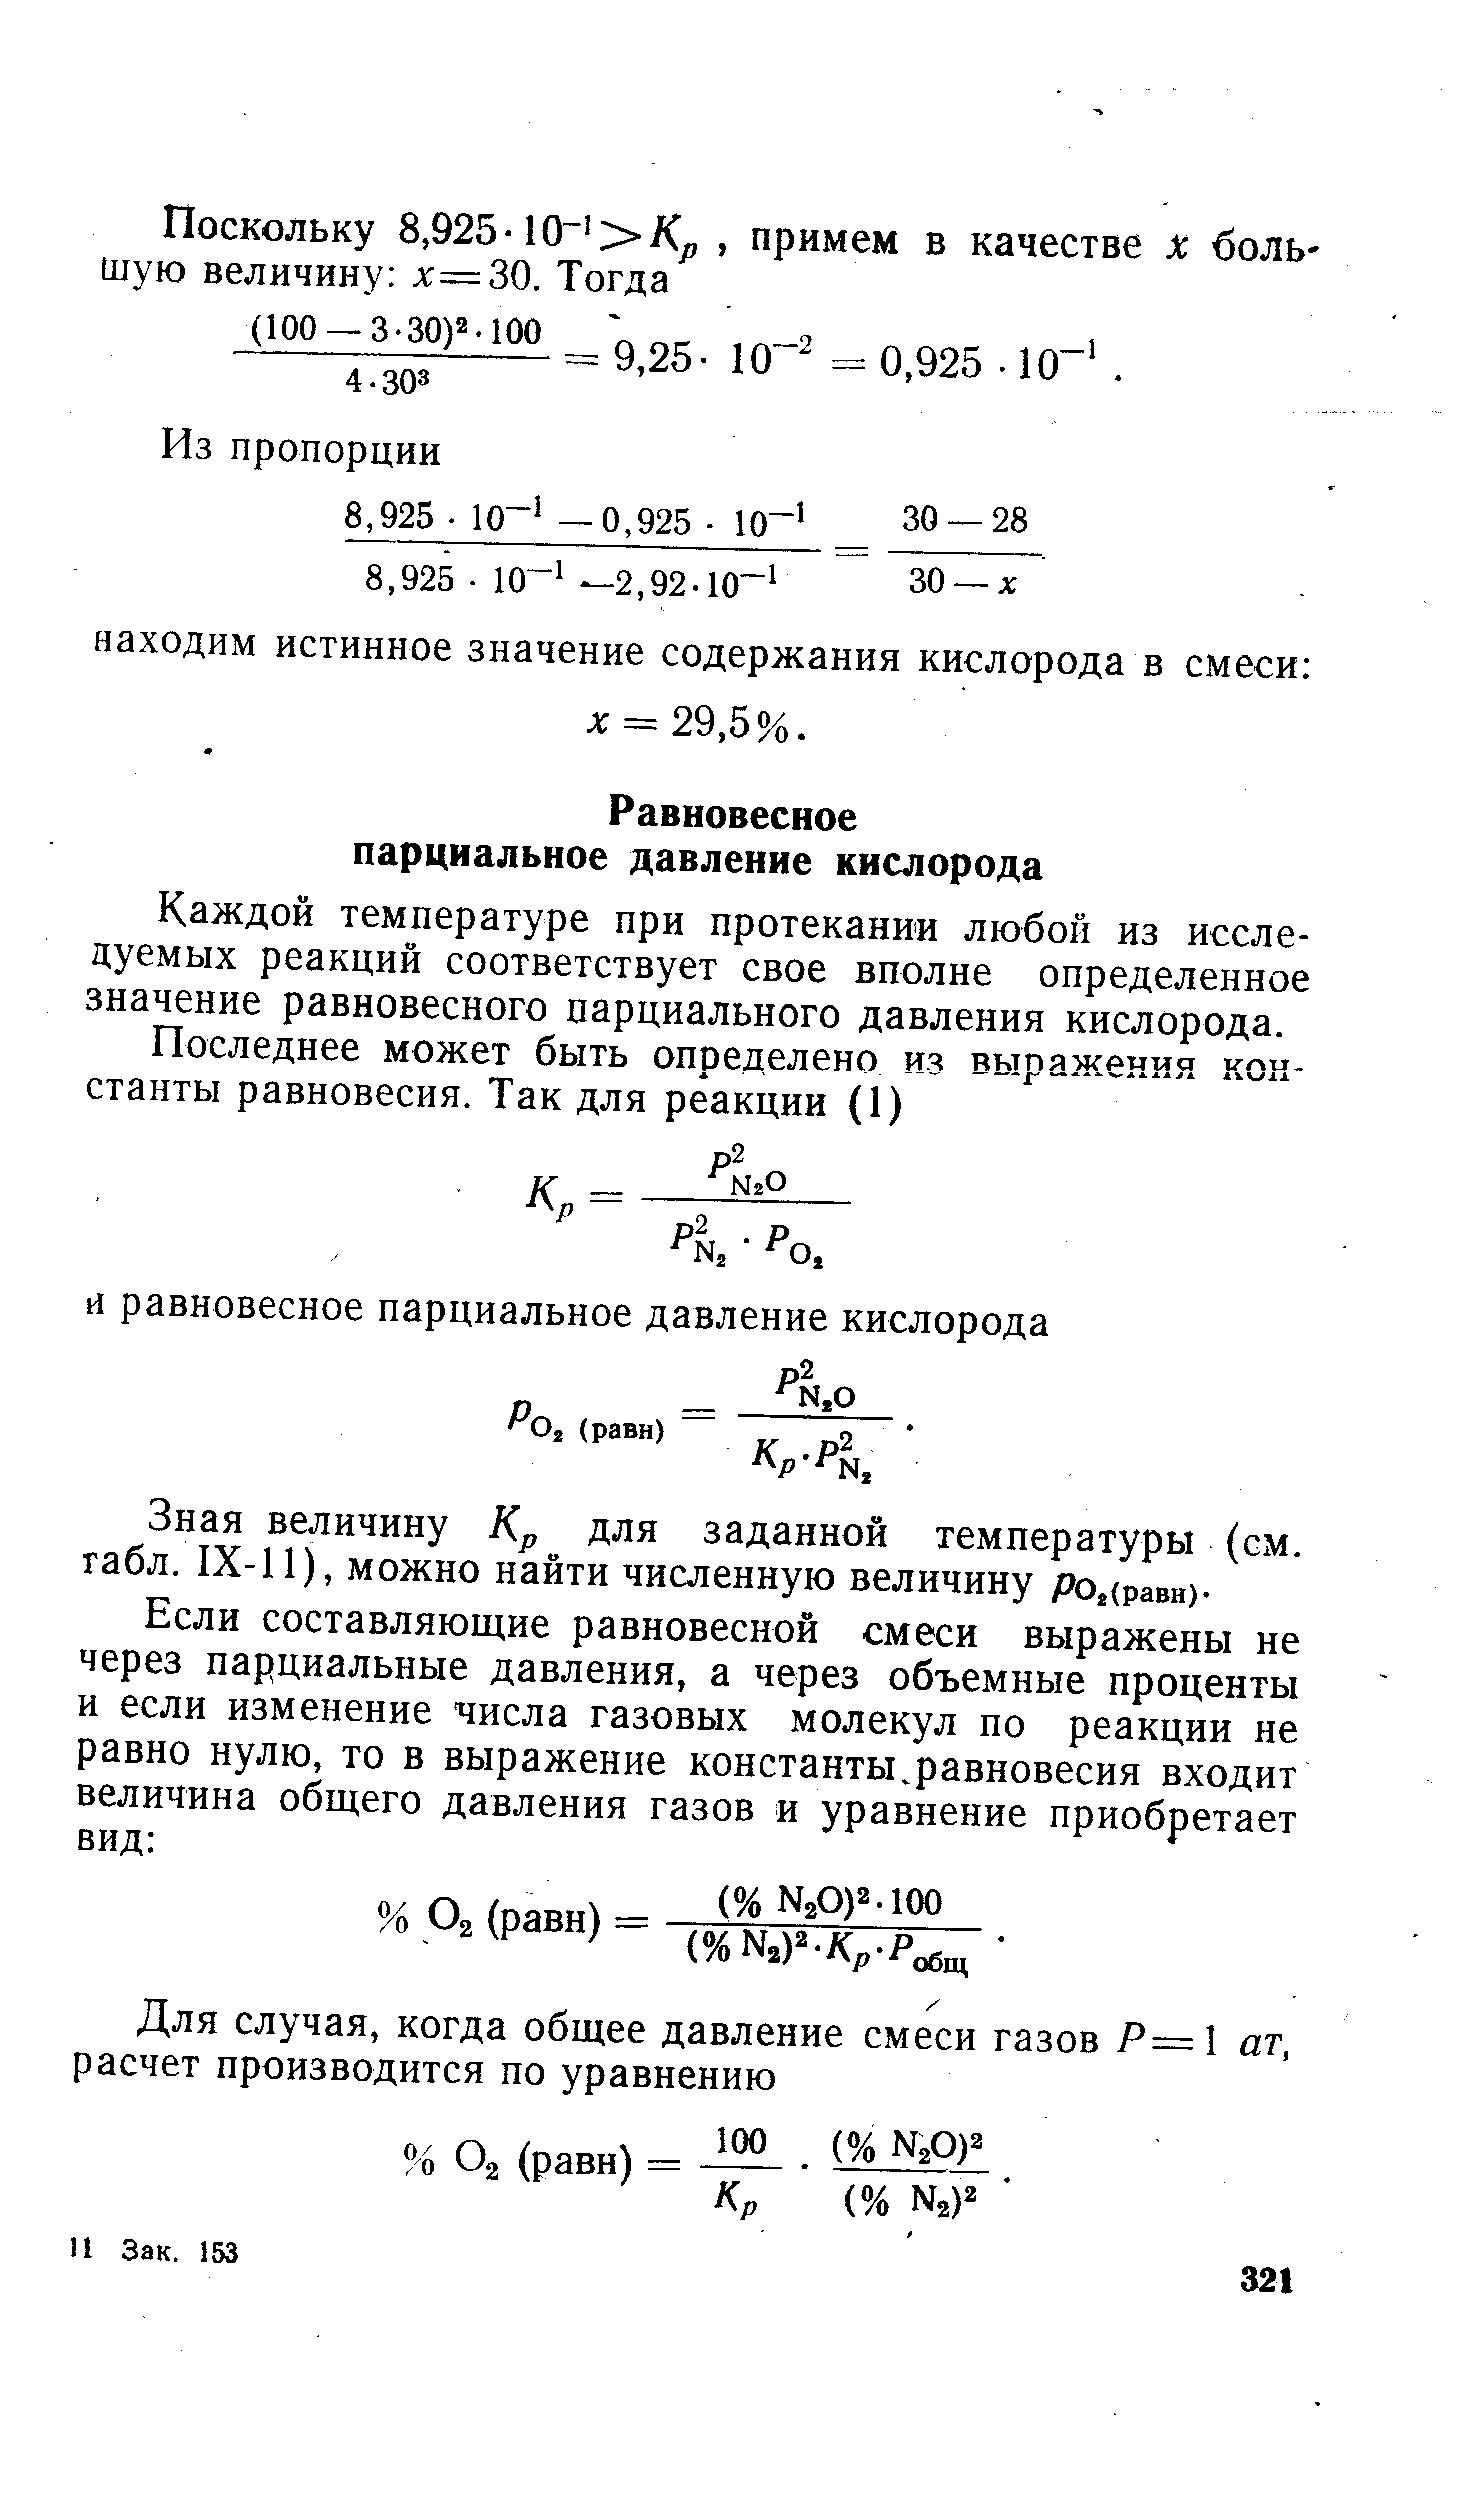 Парциальное давление - таблицы электронного справочника по химии, содержащие парциальное давление - химия